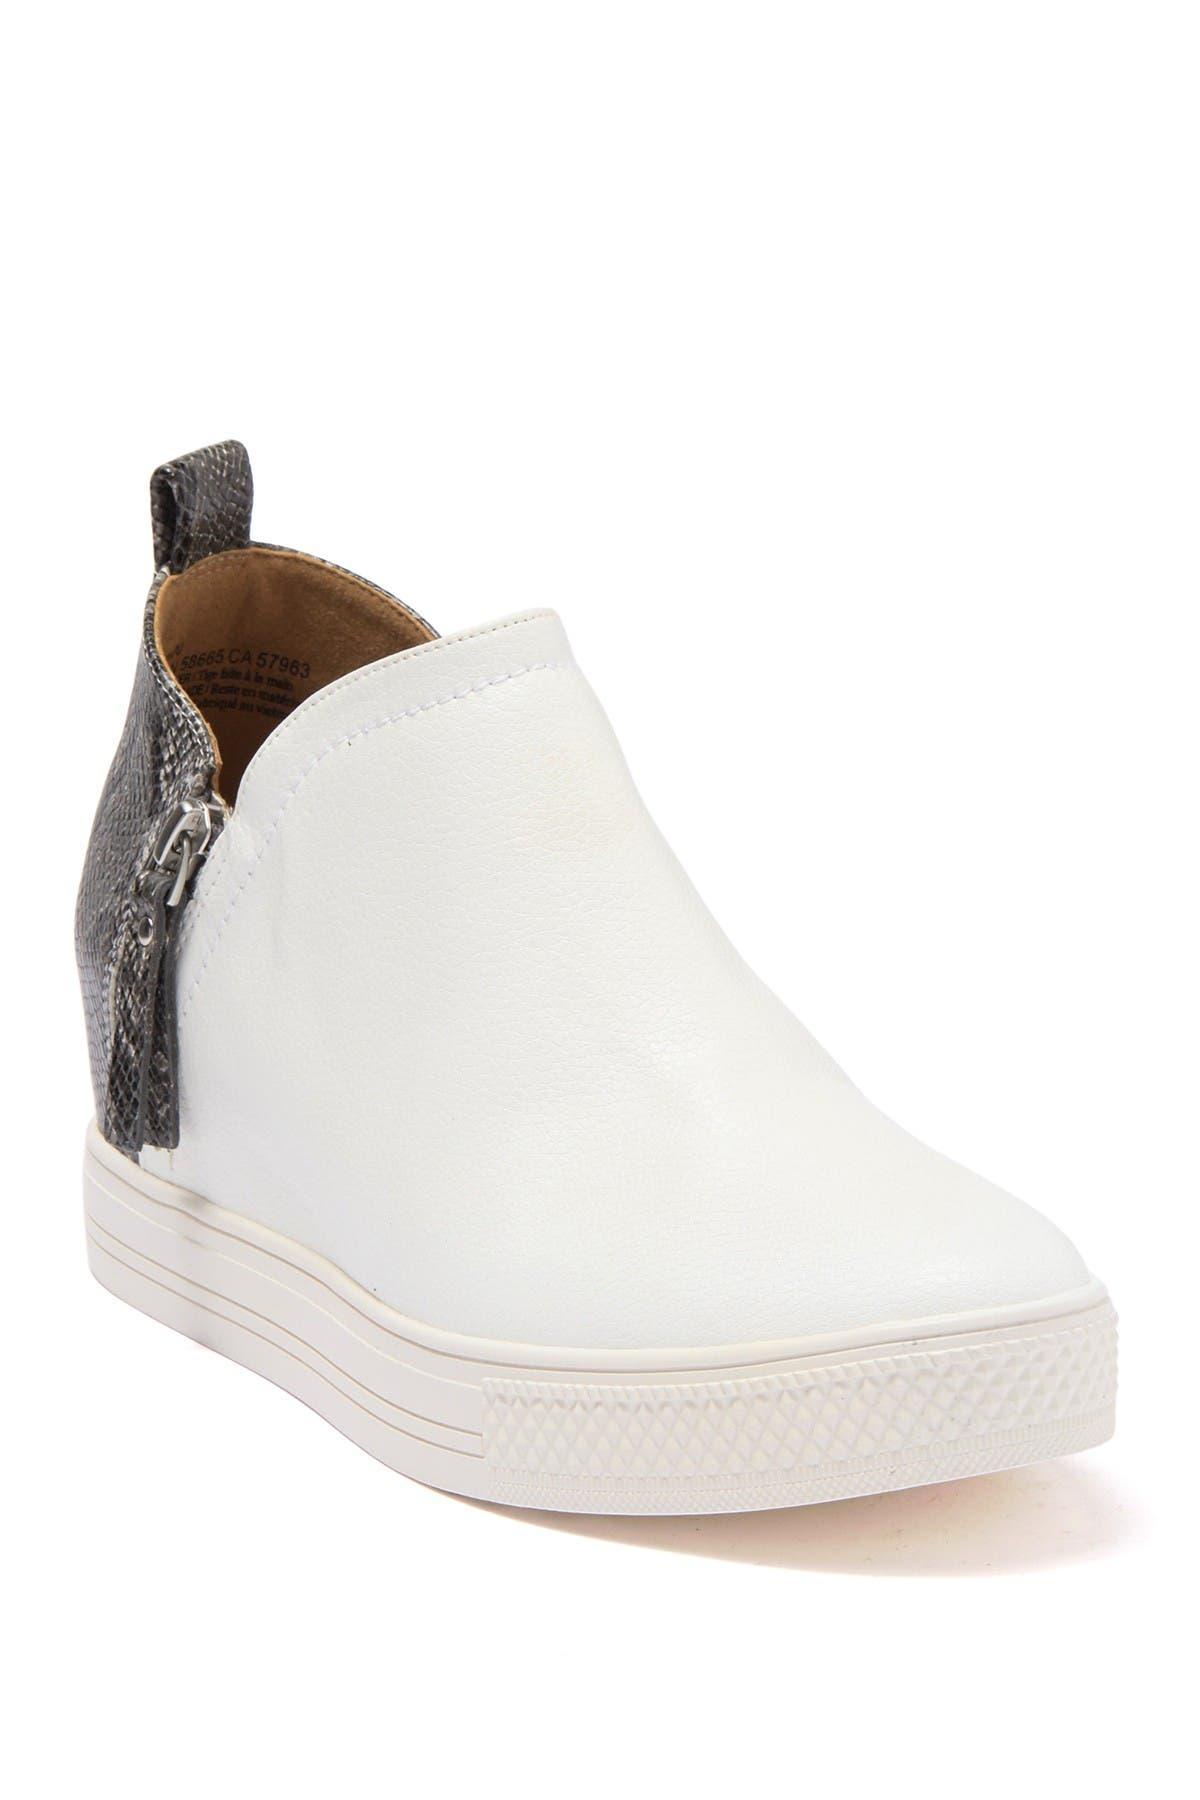 Adra Snakeskin Printed Wedge Sneaker